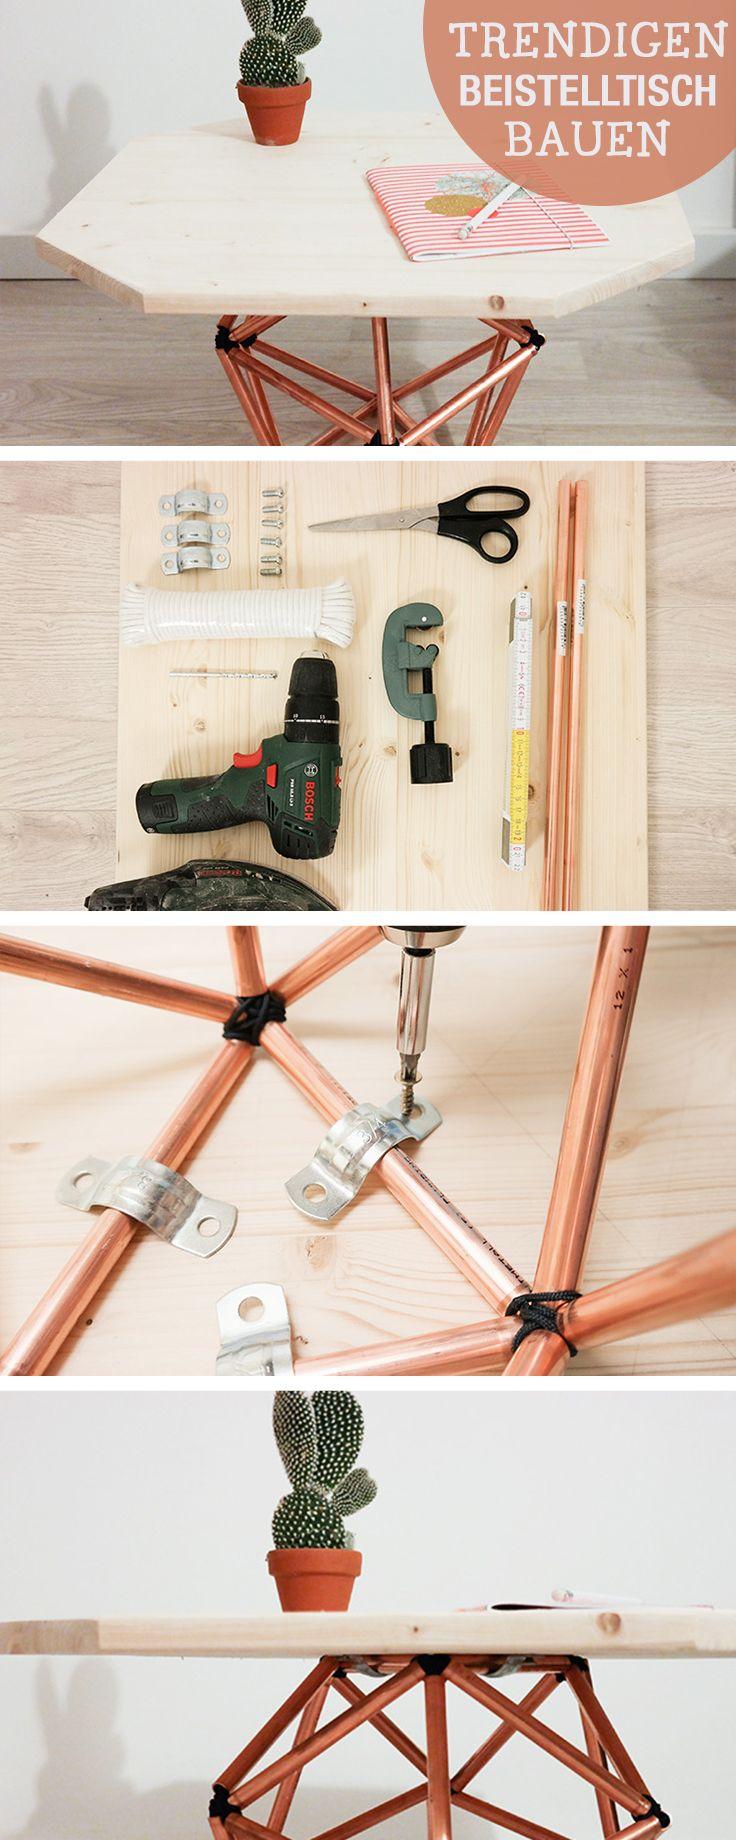 DIY-Anleitung: Beistelltisch in Ikosaeder-Form aus Kupferstangen bauen via…